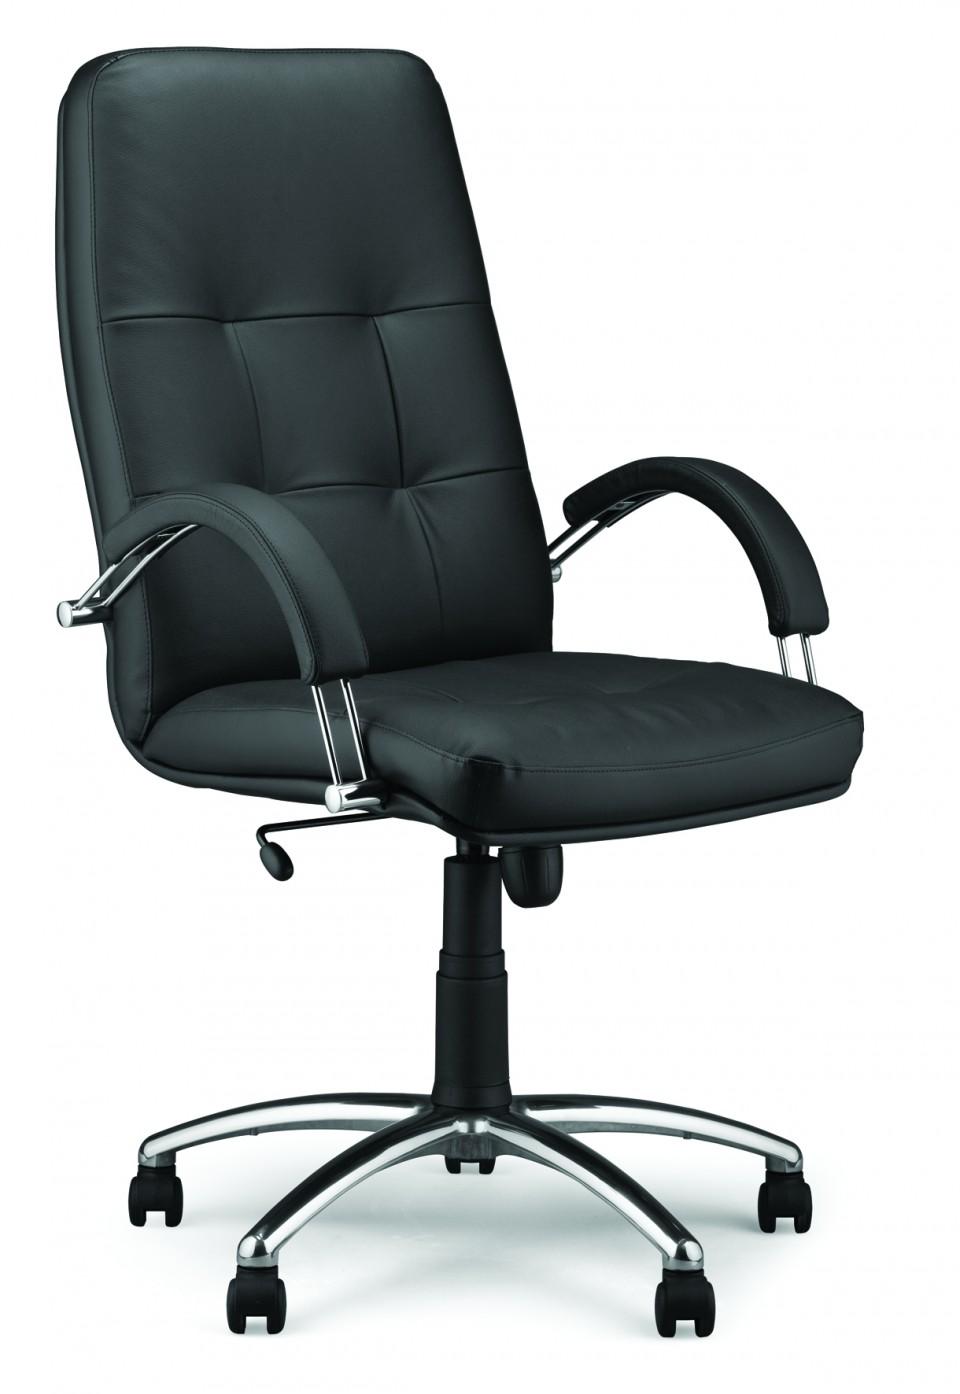 fauteuil de direction cuir cl ry achat fauteuils de direction 299 00. Black Bedroom Furniture Sets. Home Design Ideas